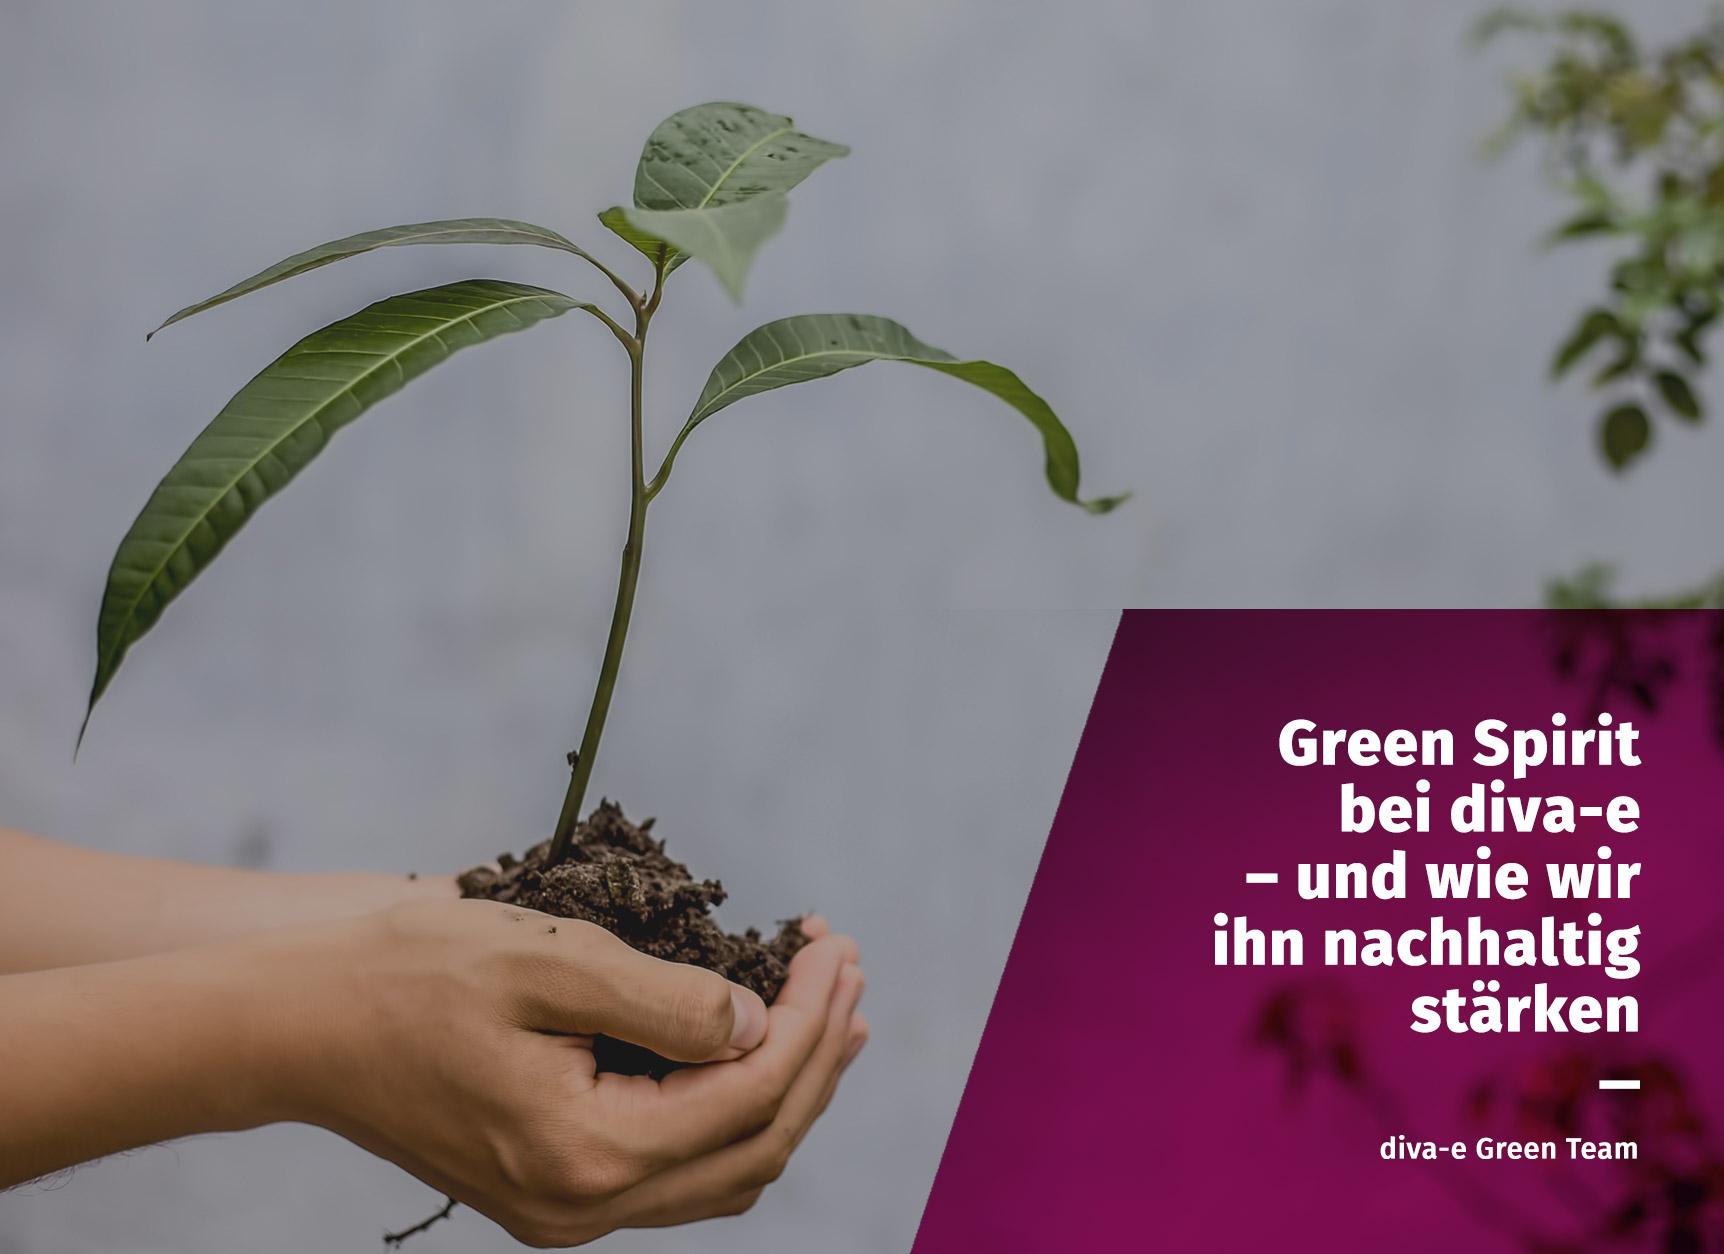 Green Spirit bei diva-e – und wie wir ihn nachhaltig stärken